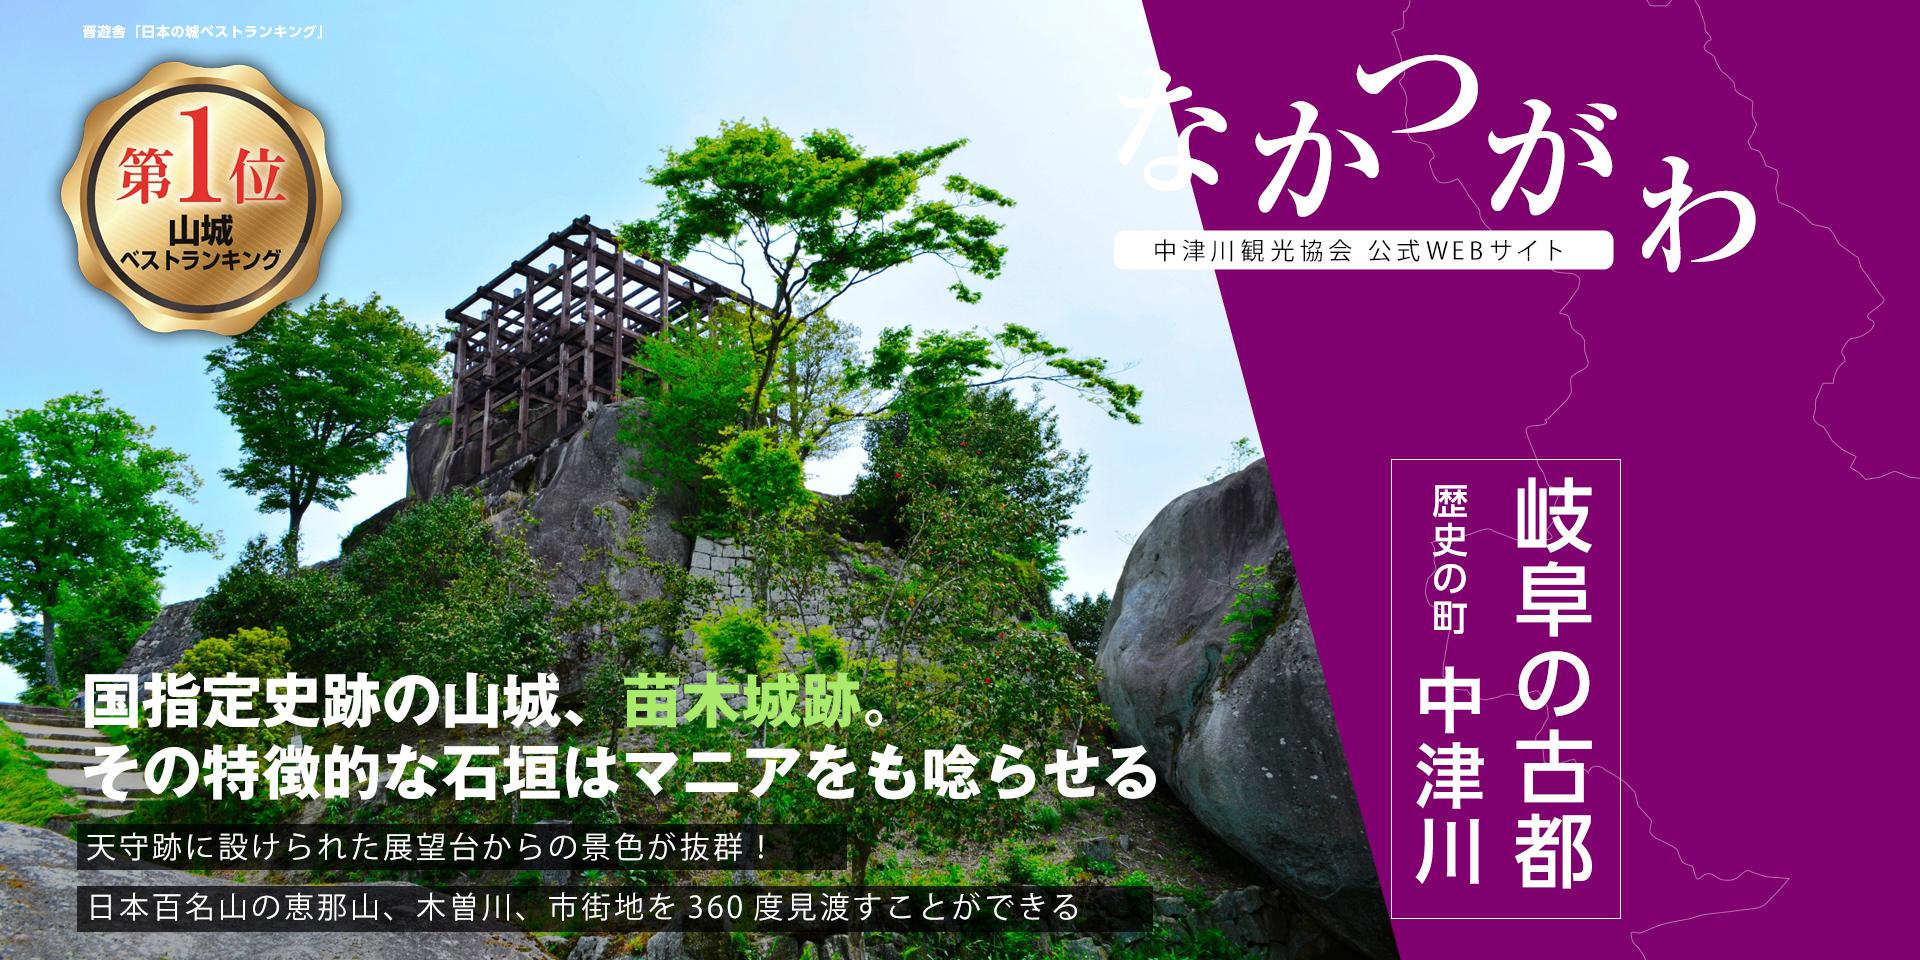 国指定史跡の山城 苗木城跡。特徴的な石垣が見どころ